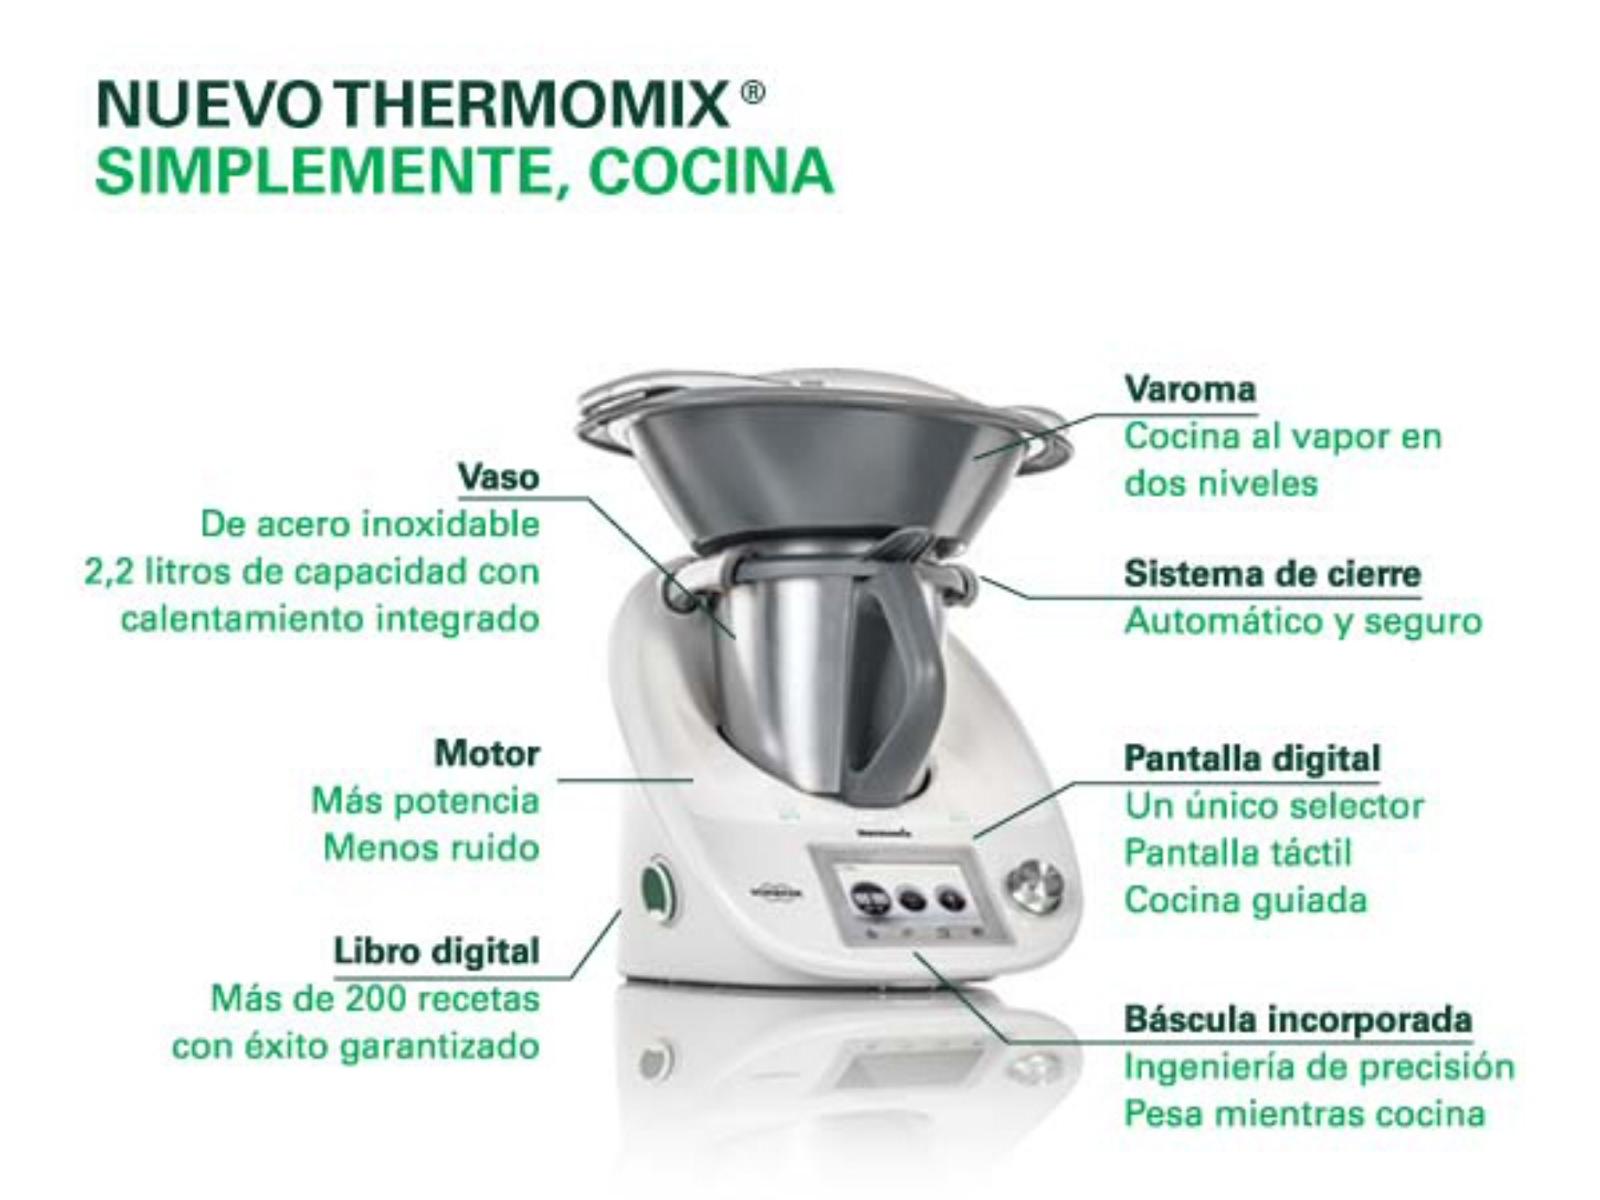 Bienvenidos a este revortillo nuevo thermomix 5 tm5 - Robot de cocina cocimax ...